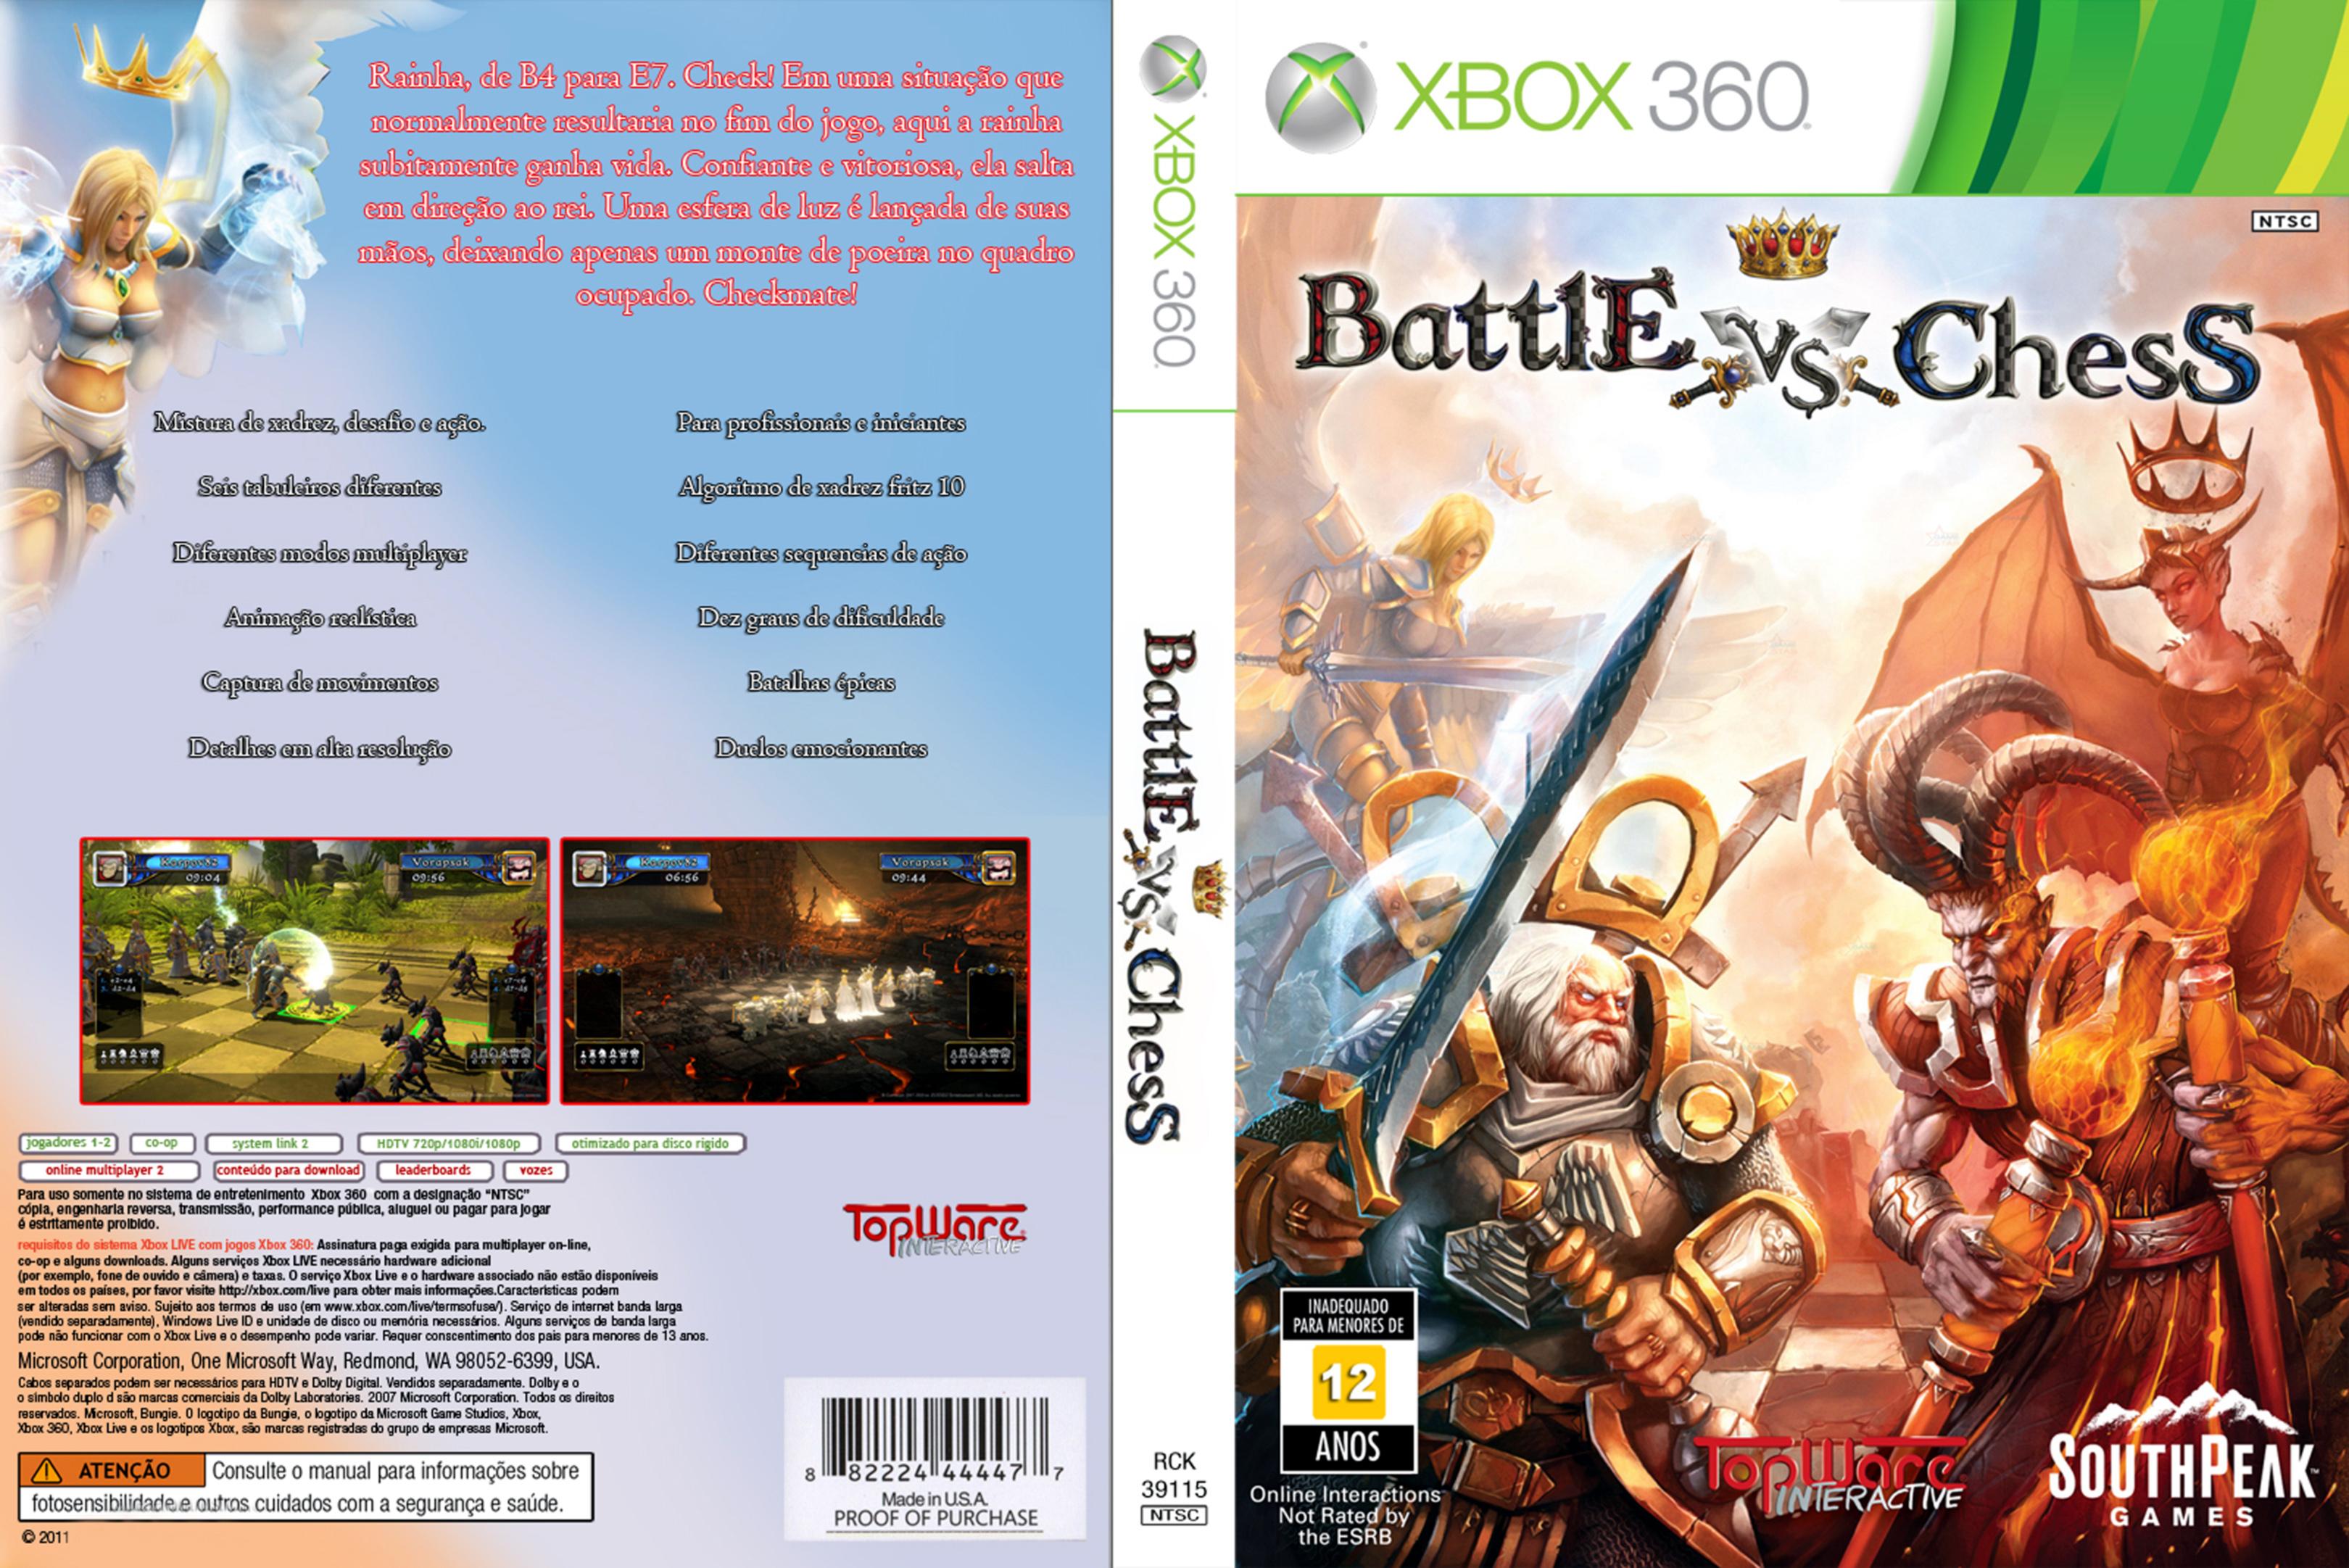 BattleVsChess